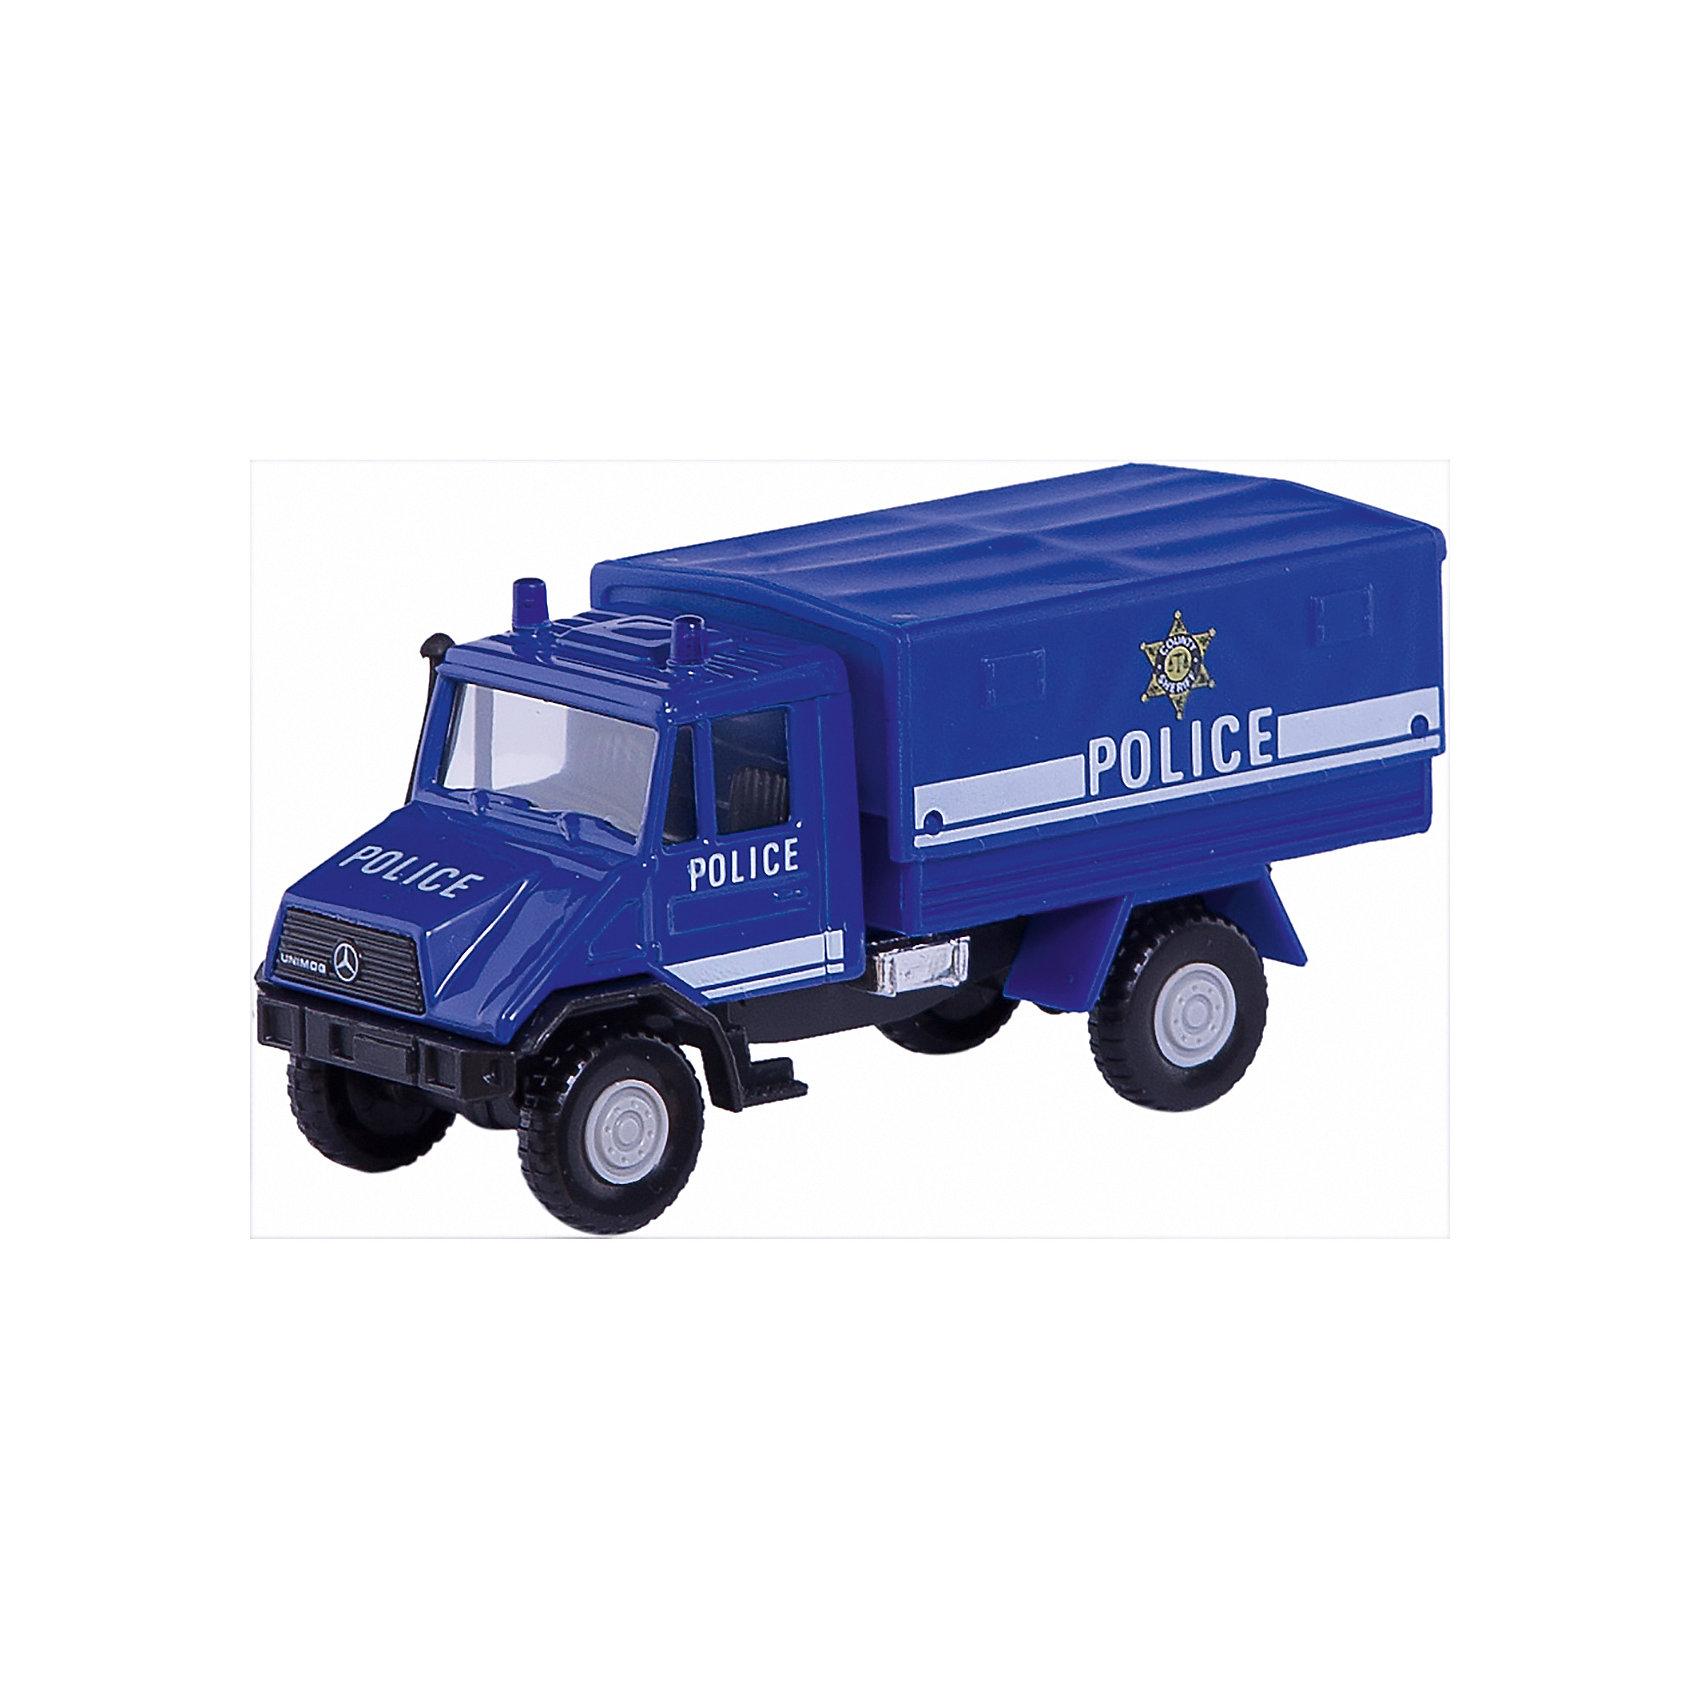 Модель грузовика с кузовом Полиция, WellyКоллекционные модели<br>Коллекционная модель полицейского грузовика от Welly. Корпус автомобиля выполнен из пластика, колеса – из резины.<br><br>Ширина мм: 170<br>Глубина мм: 80<br>Высота мм: 60<br>Вес г: 143<br>Возраст от месяцев: 36<br>Возраст до месяцев: 192<br>Пол: Мужской<br>Возраст: Детский<br>SKU: 4966563